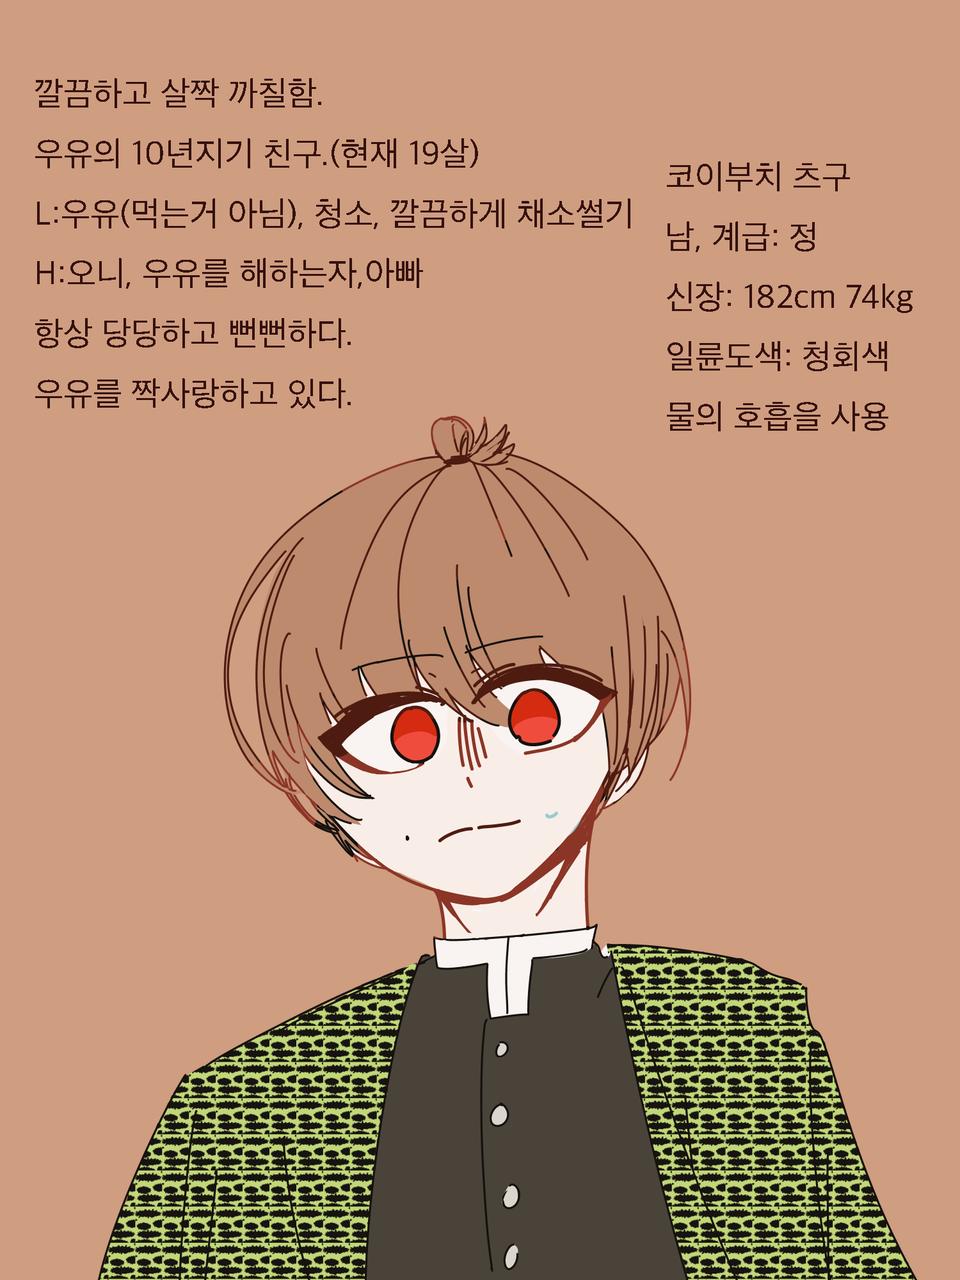 츠구 화이팅^^